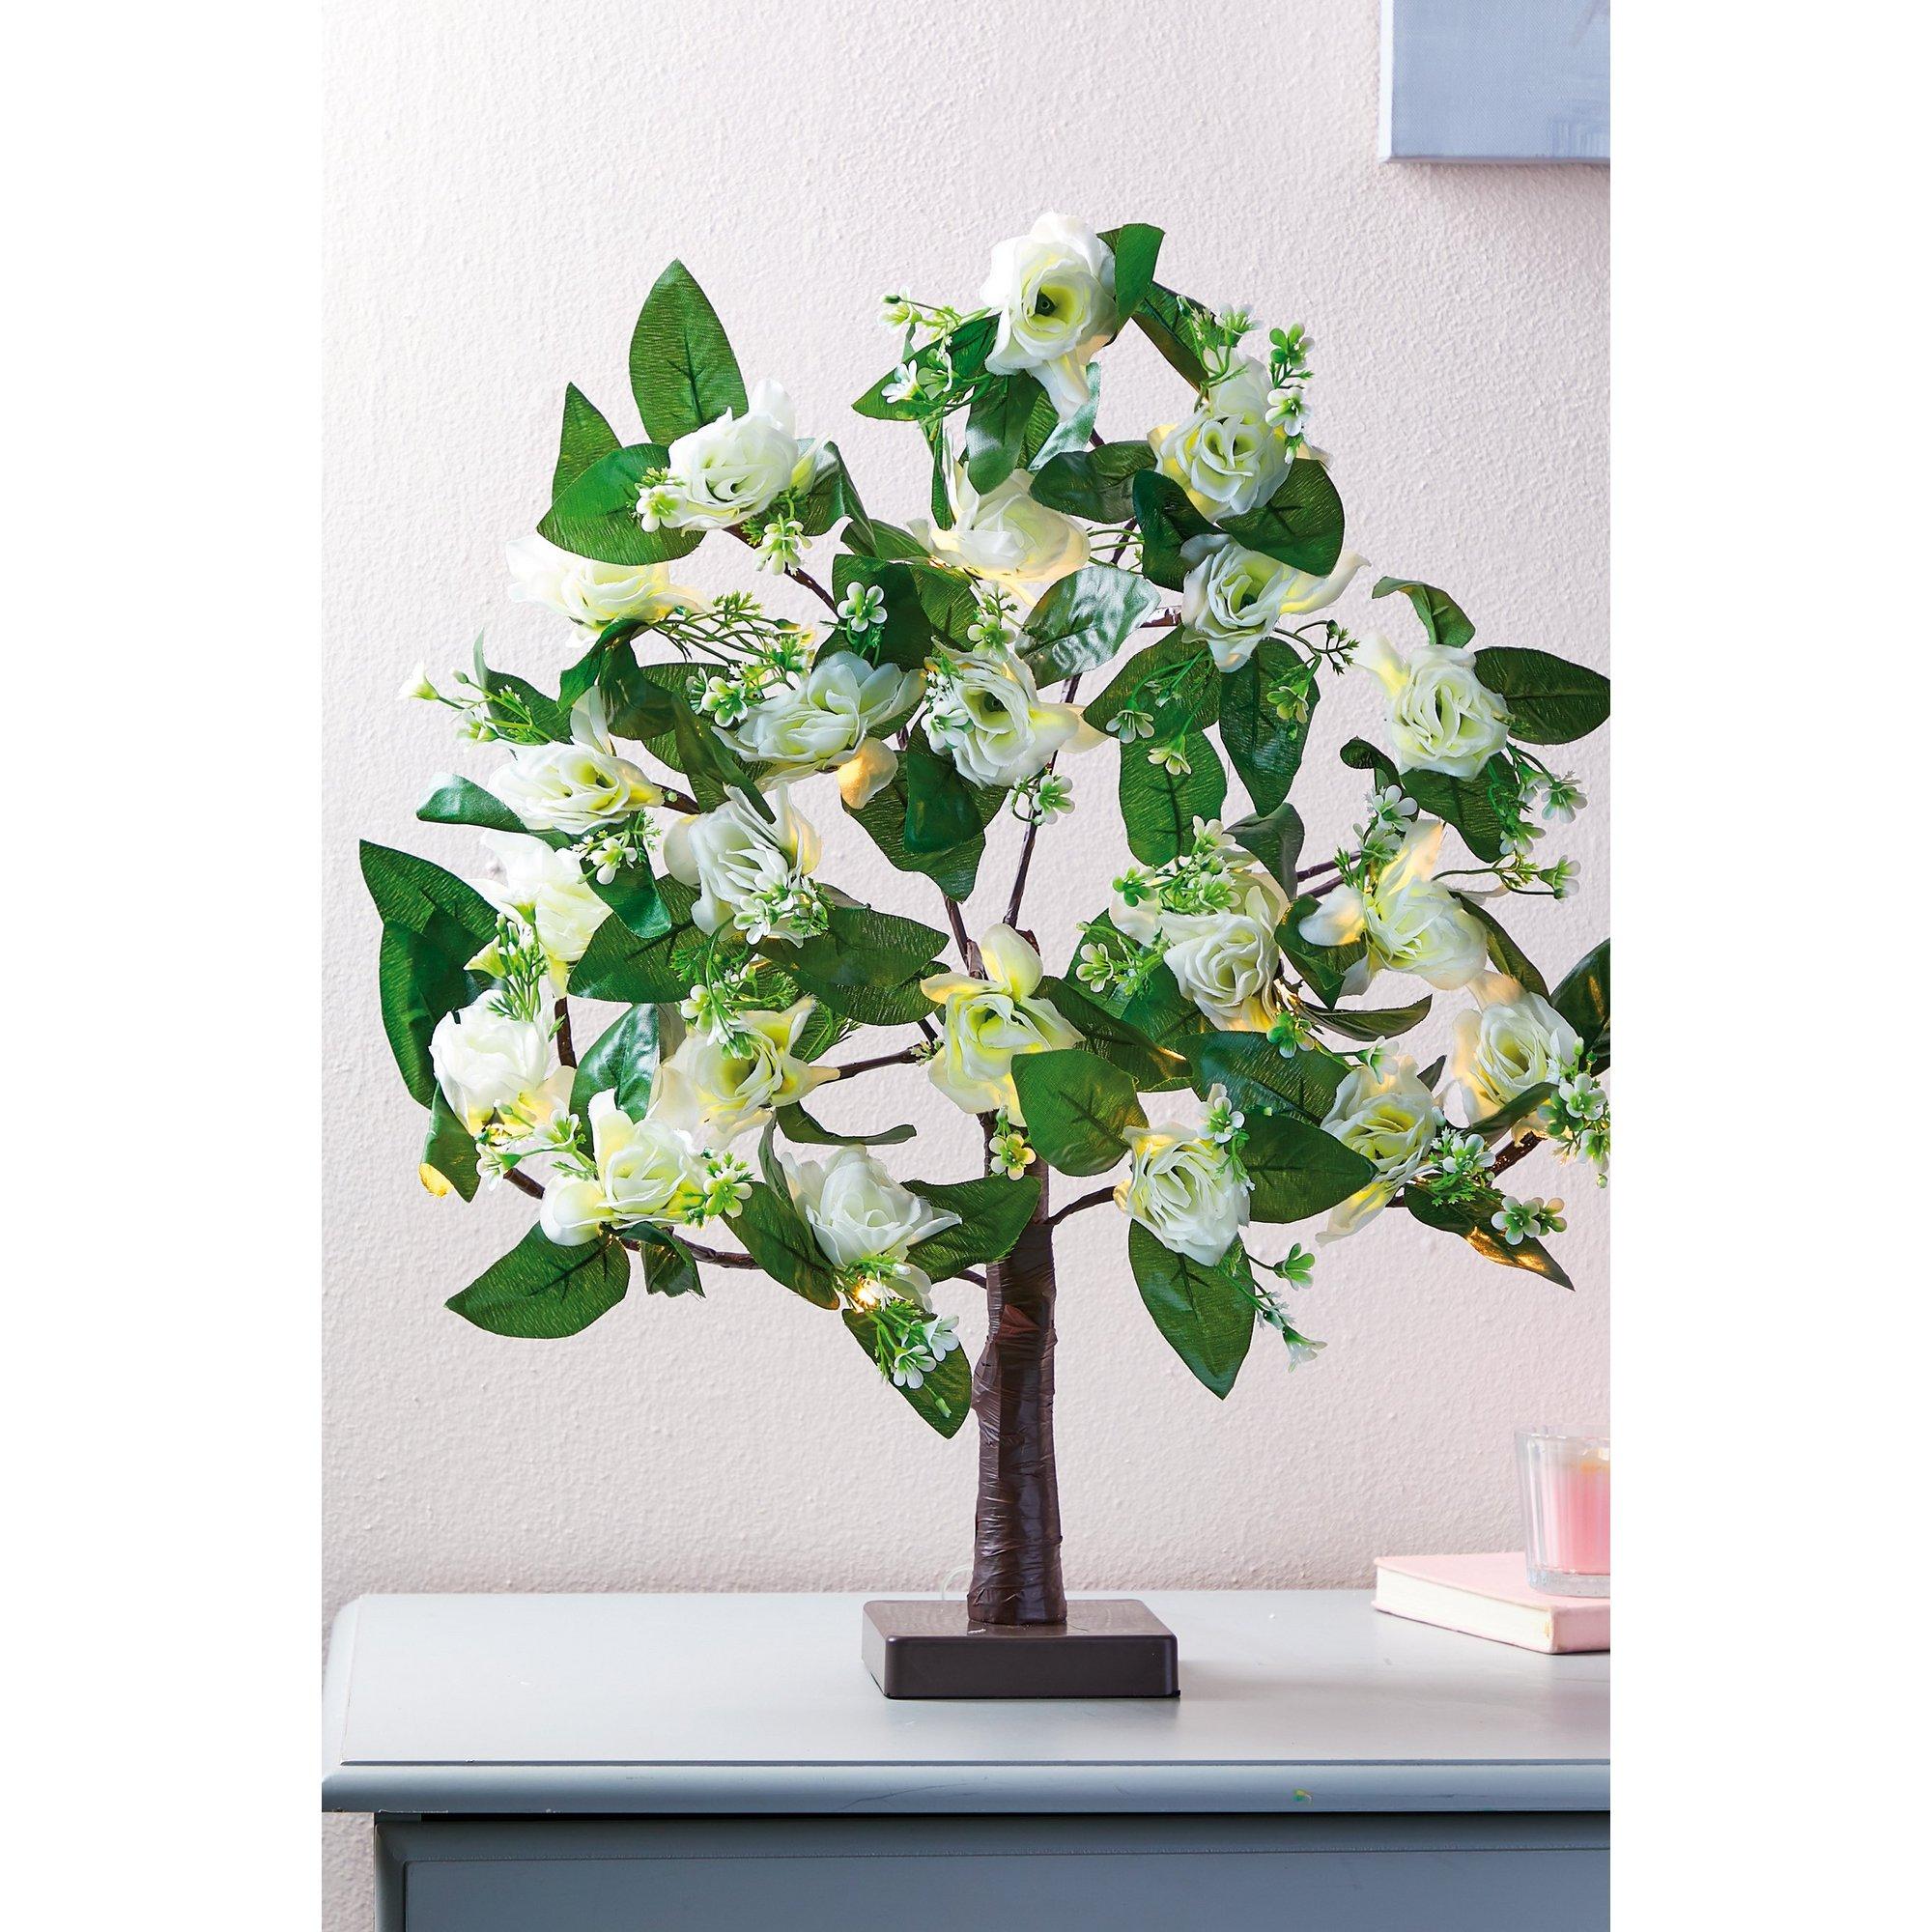 Image of LED Flower Tree